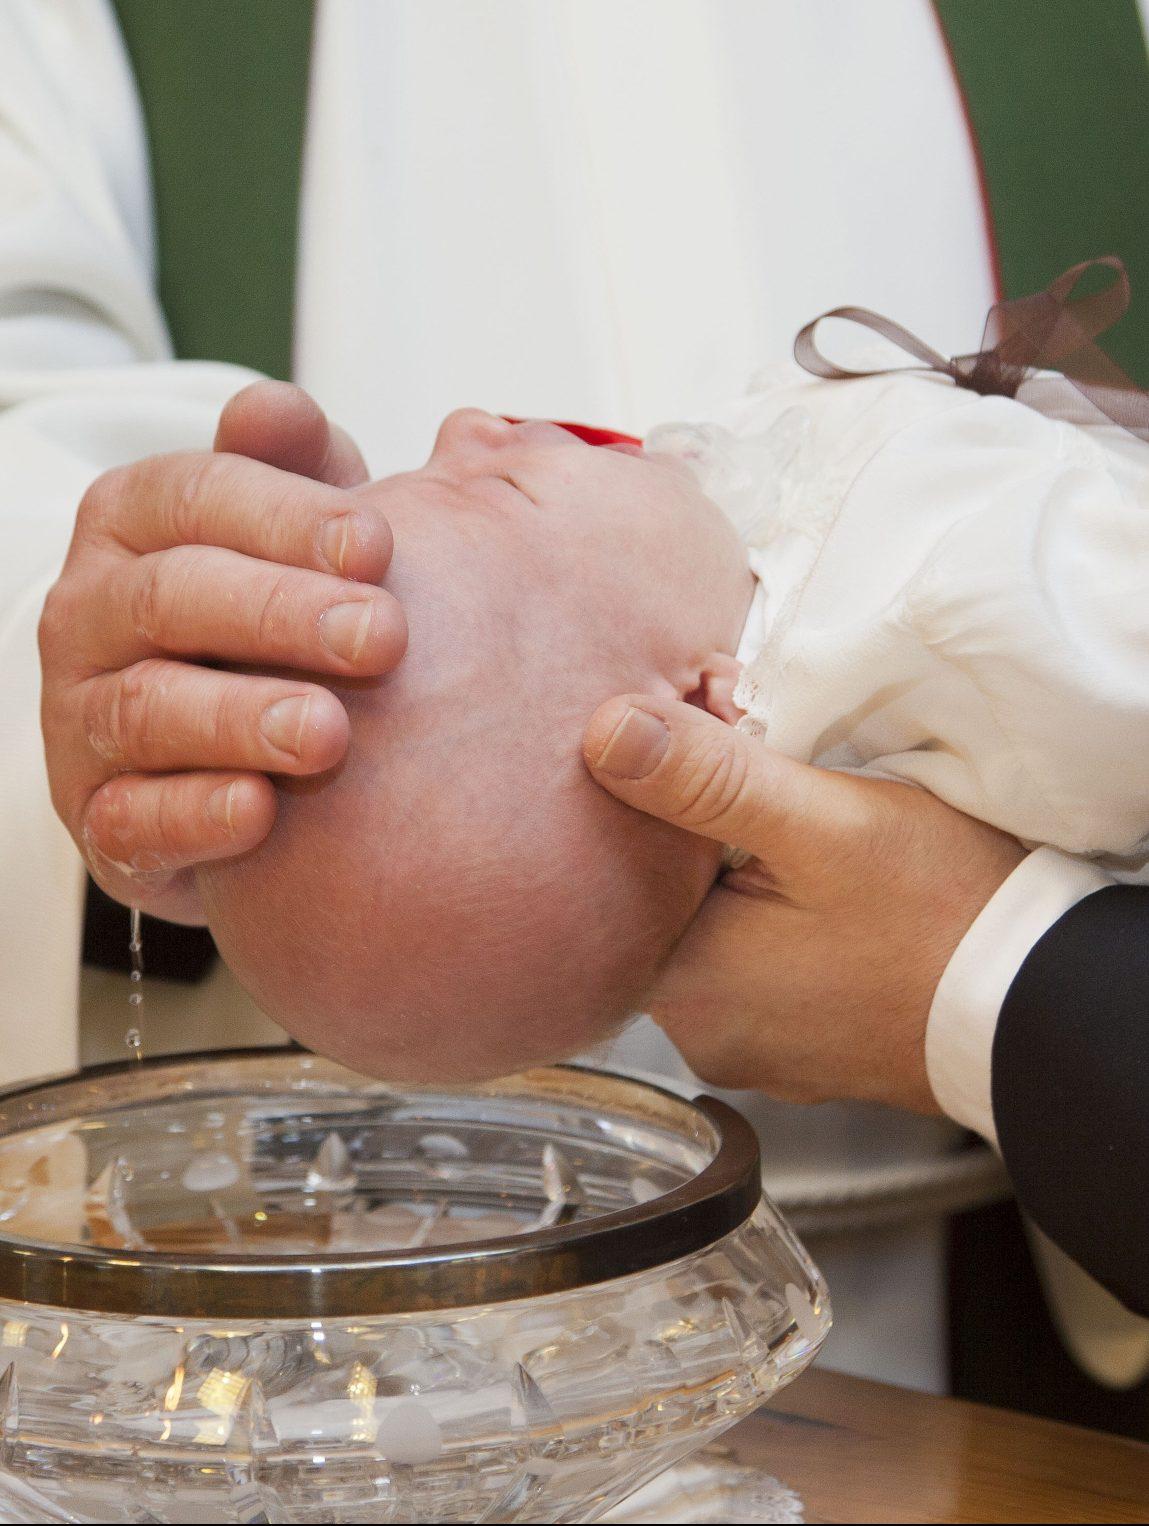 Kinder zu taufen, solange sie noch nicht selbst entscheiden kˆnnen, ist ein Eingriff in deren Selbstbestimmungsrecht, Foto: Pixabay